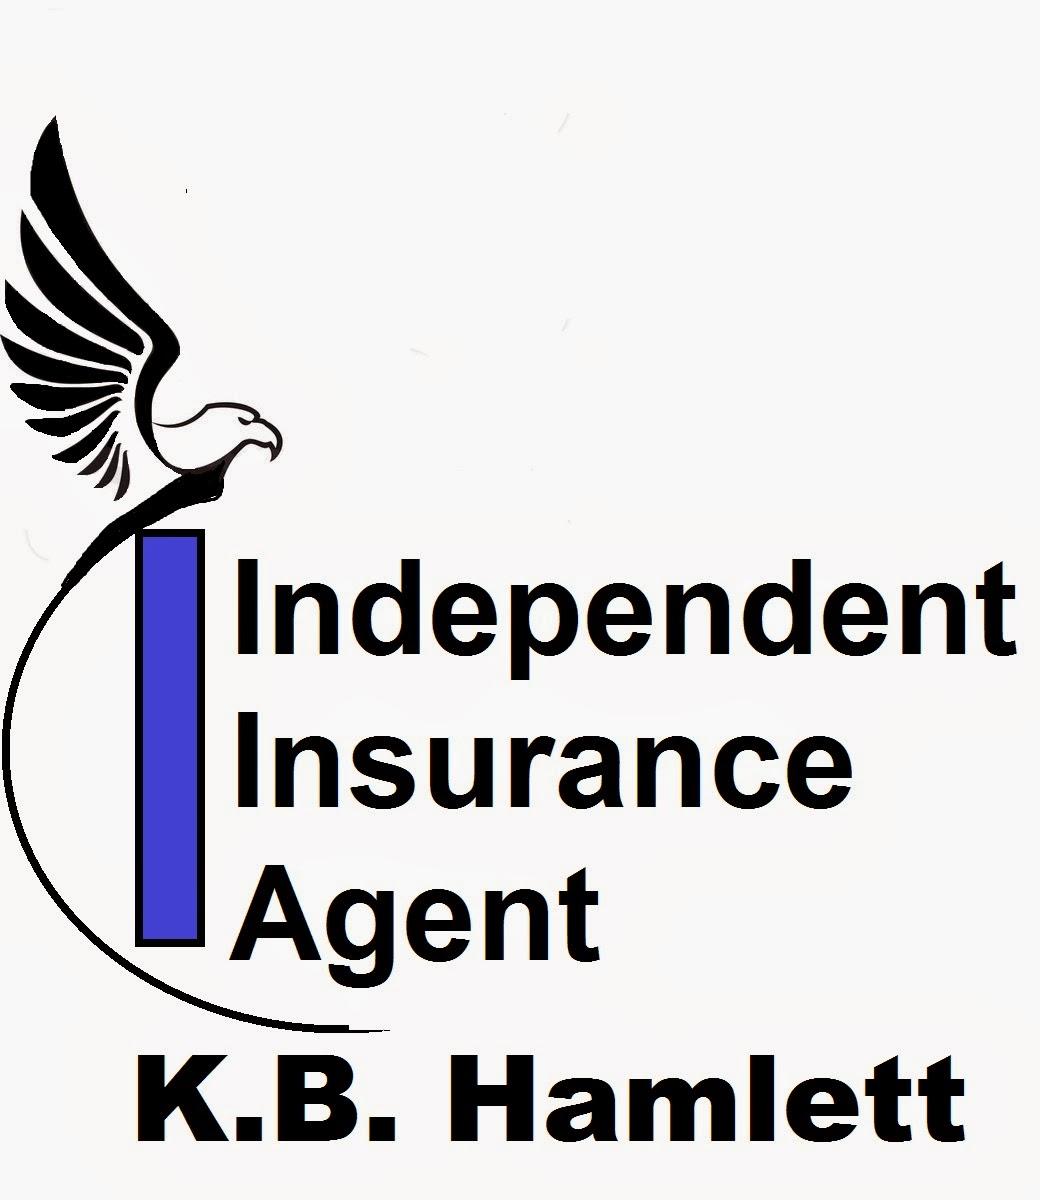 K.B. Hamlett